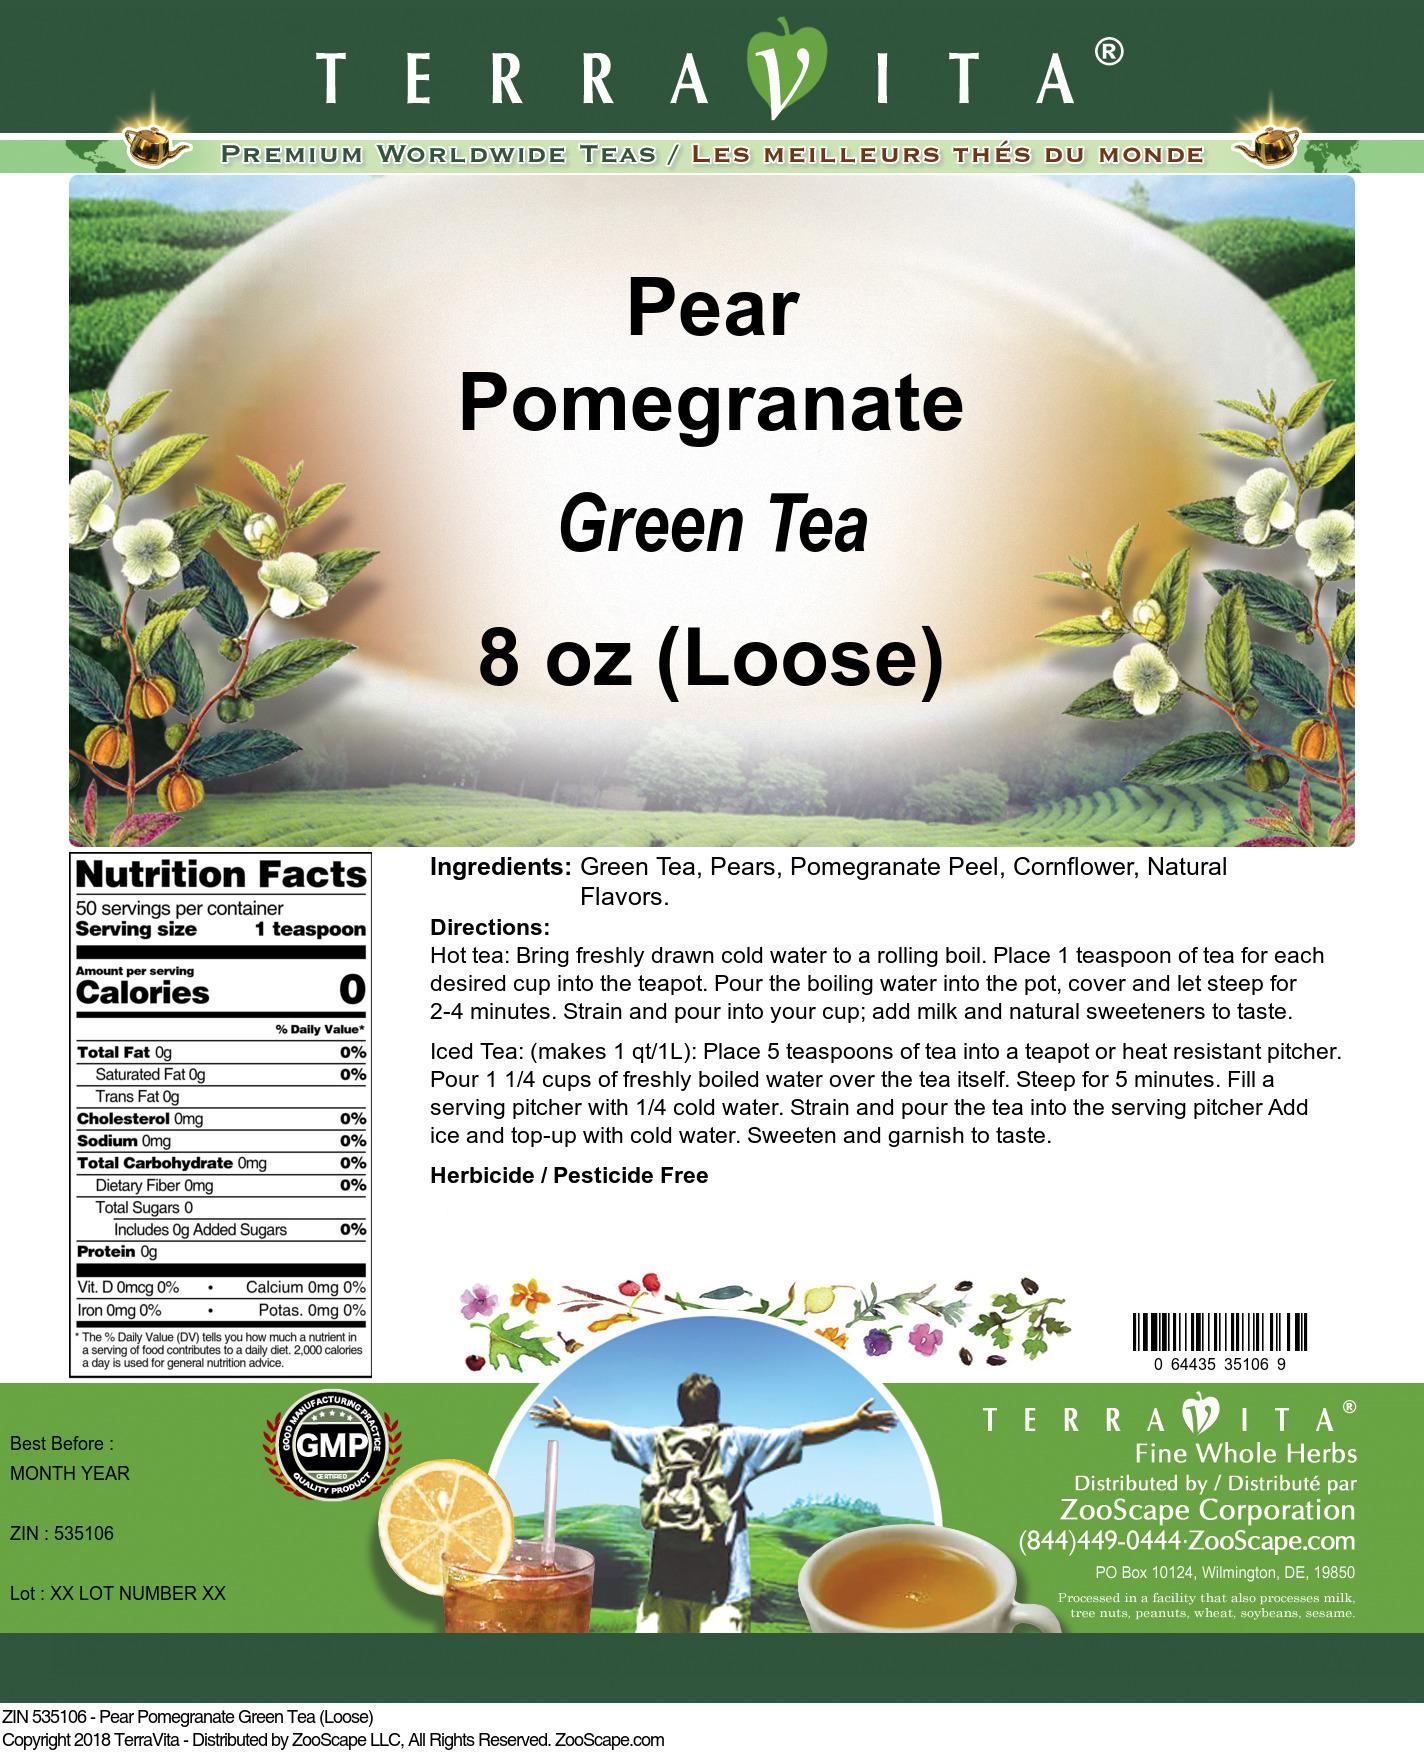 Pear Pomegranate Green Tea (Loose)